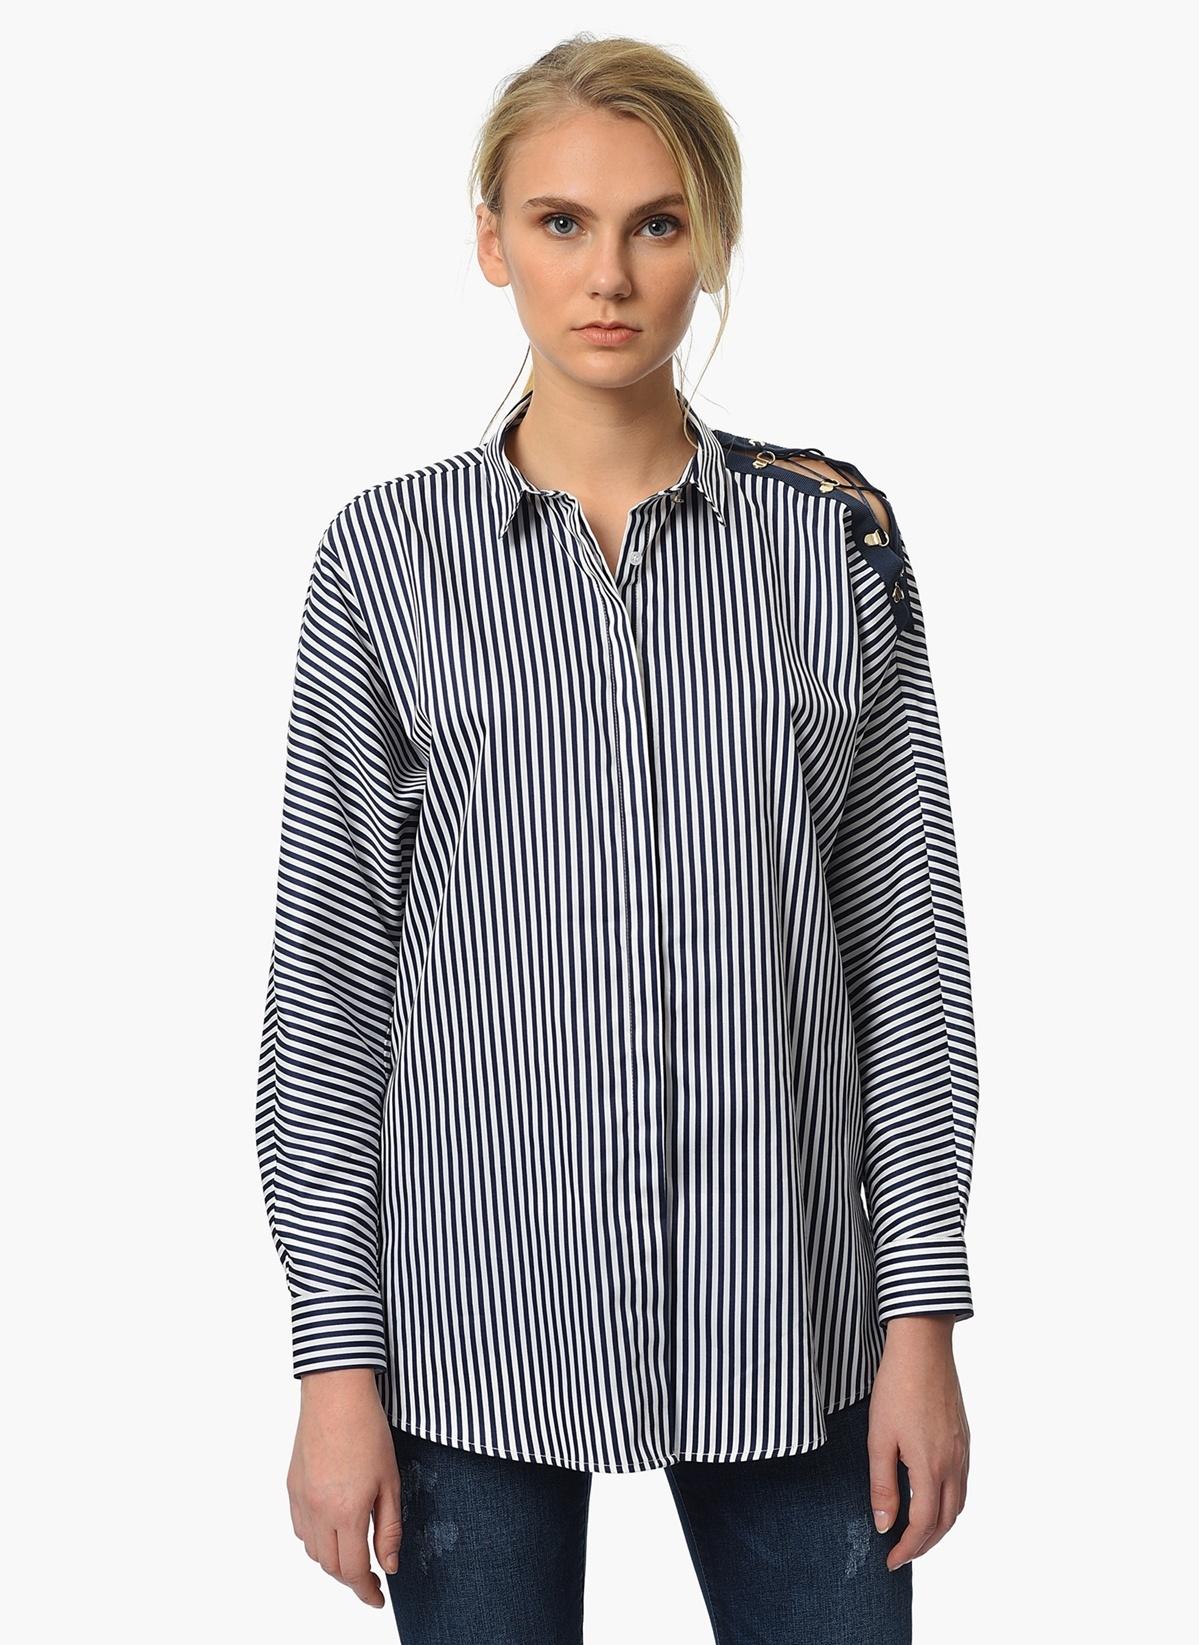 1702030683ac4 NetWork Kadın Omzu Bağcık Detaylı Çizgili Gömlek Lacivert-Beyaz ...